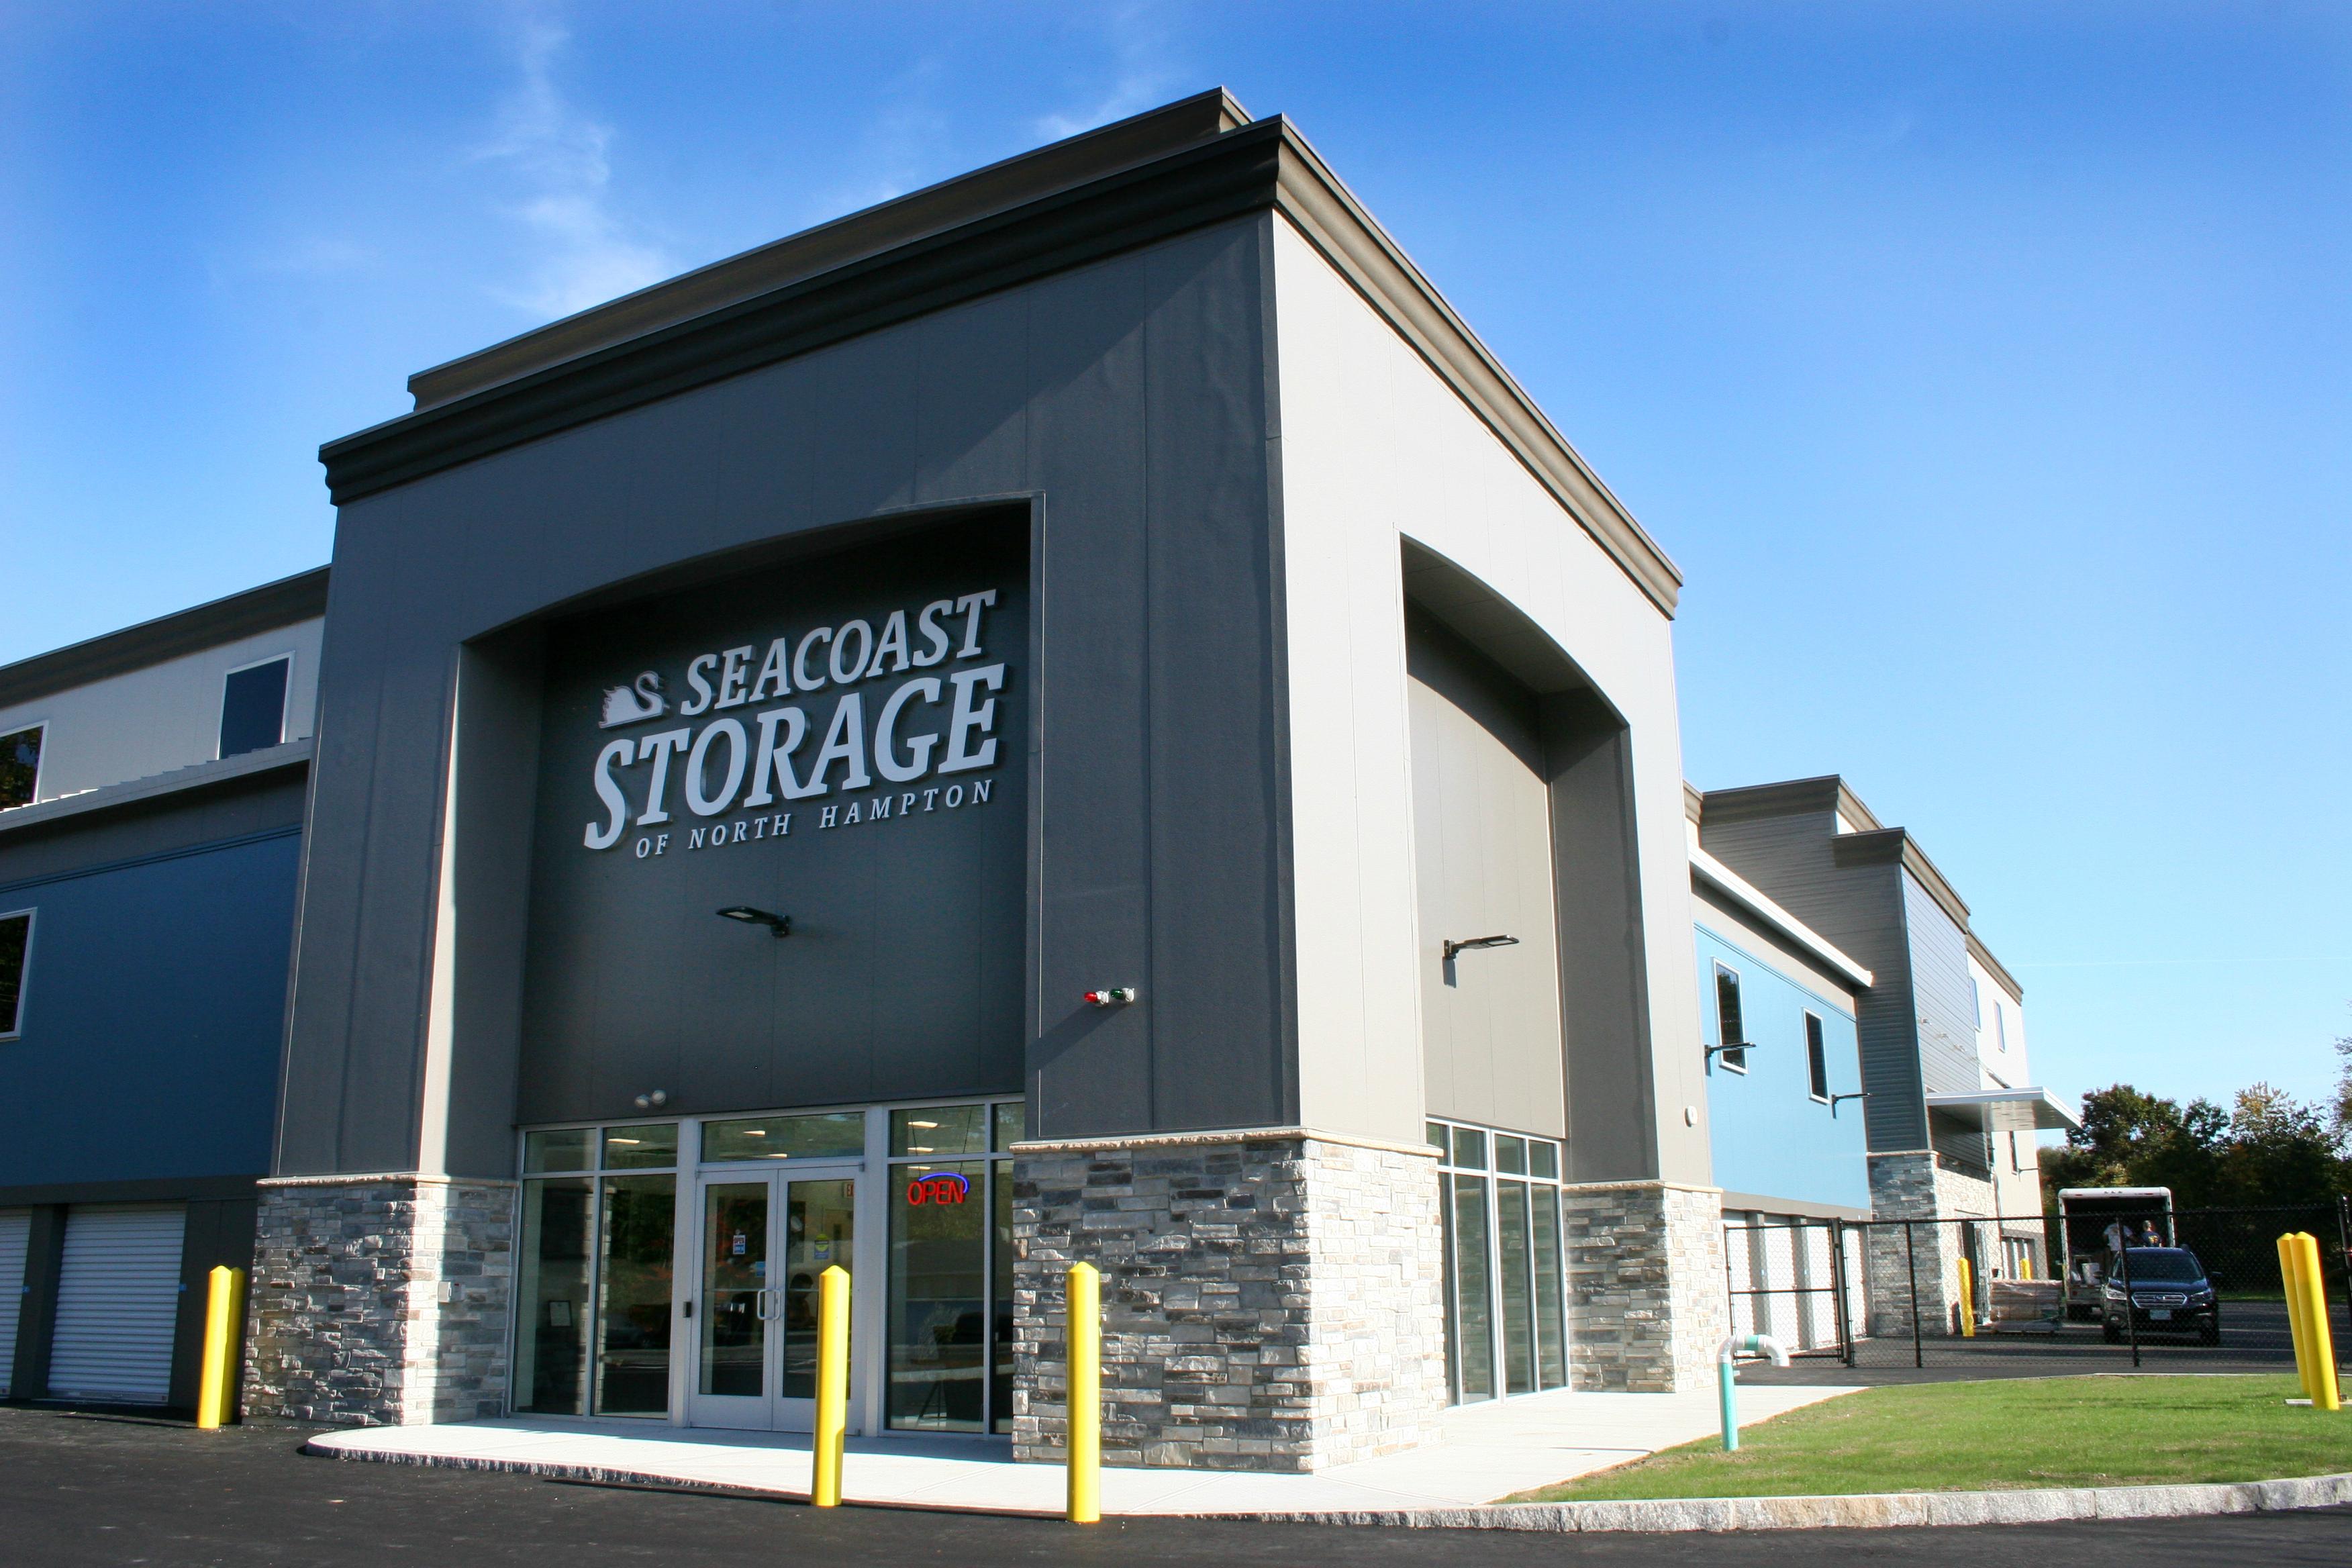 Seacoast Storage image 1